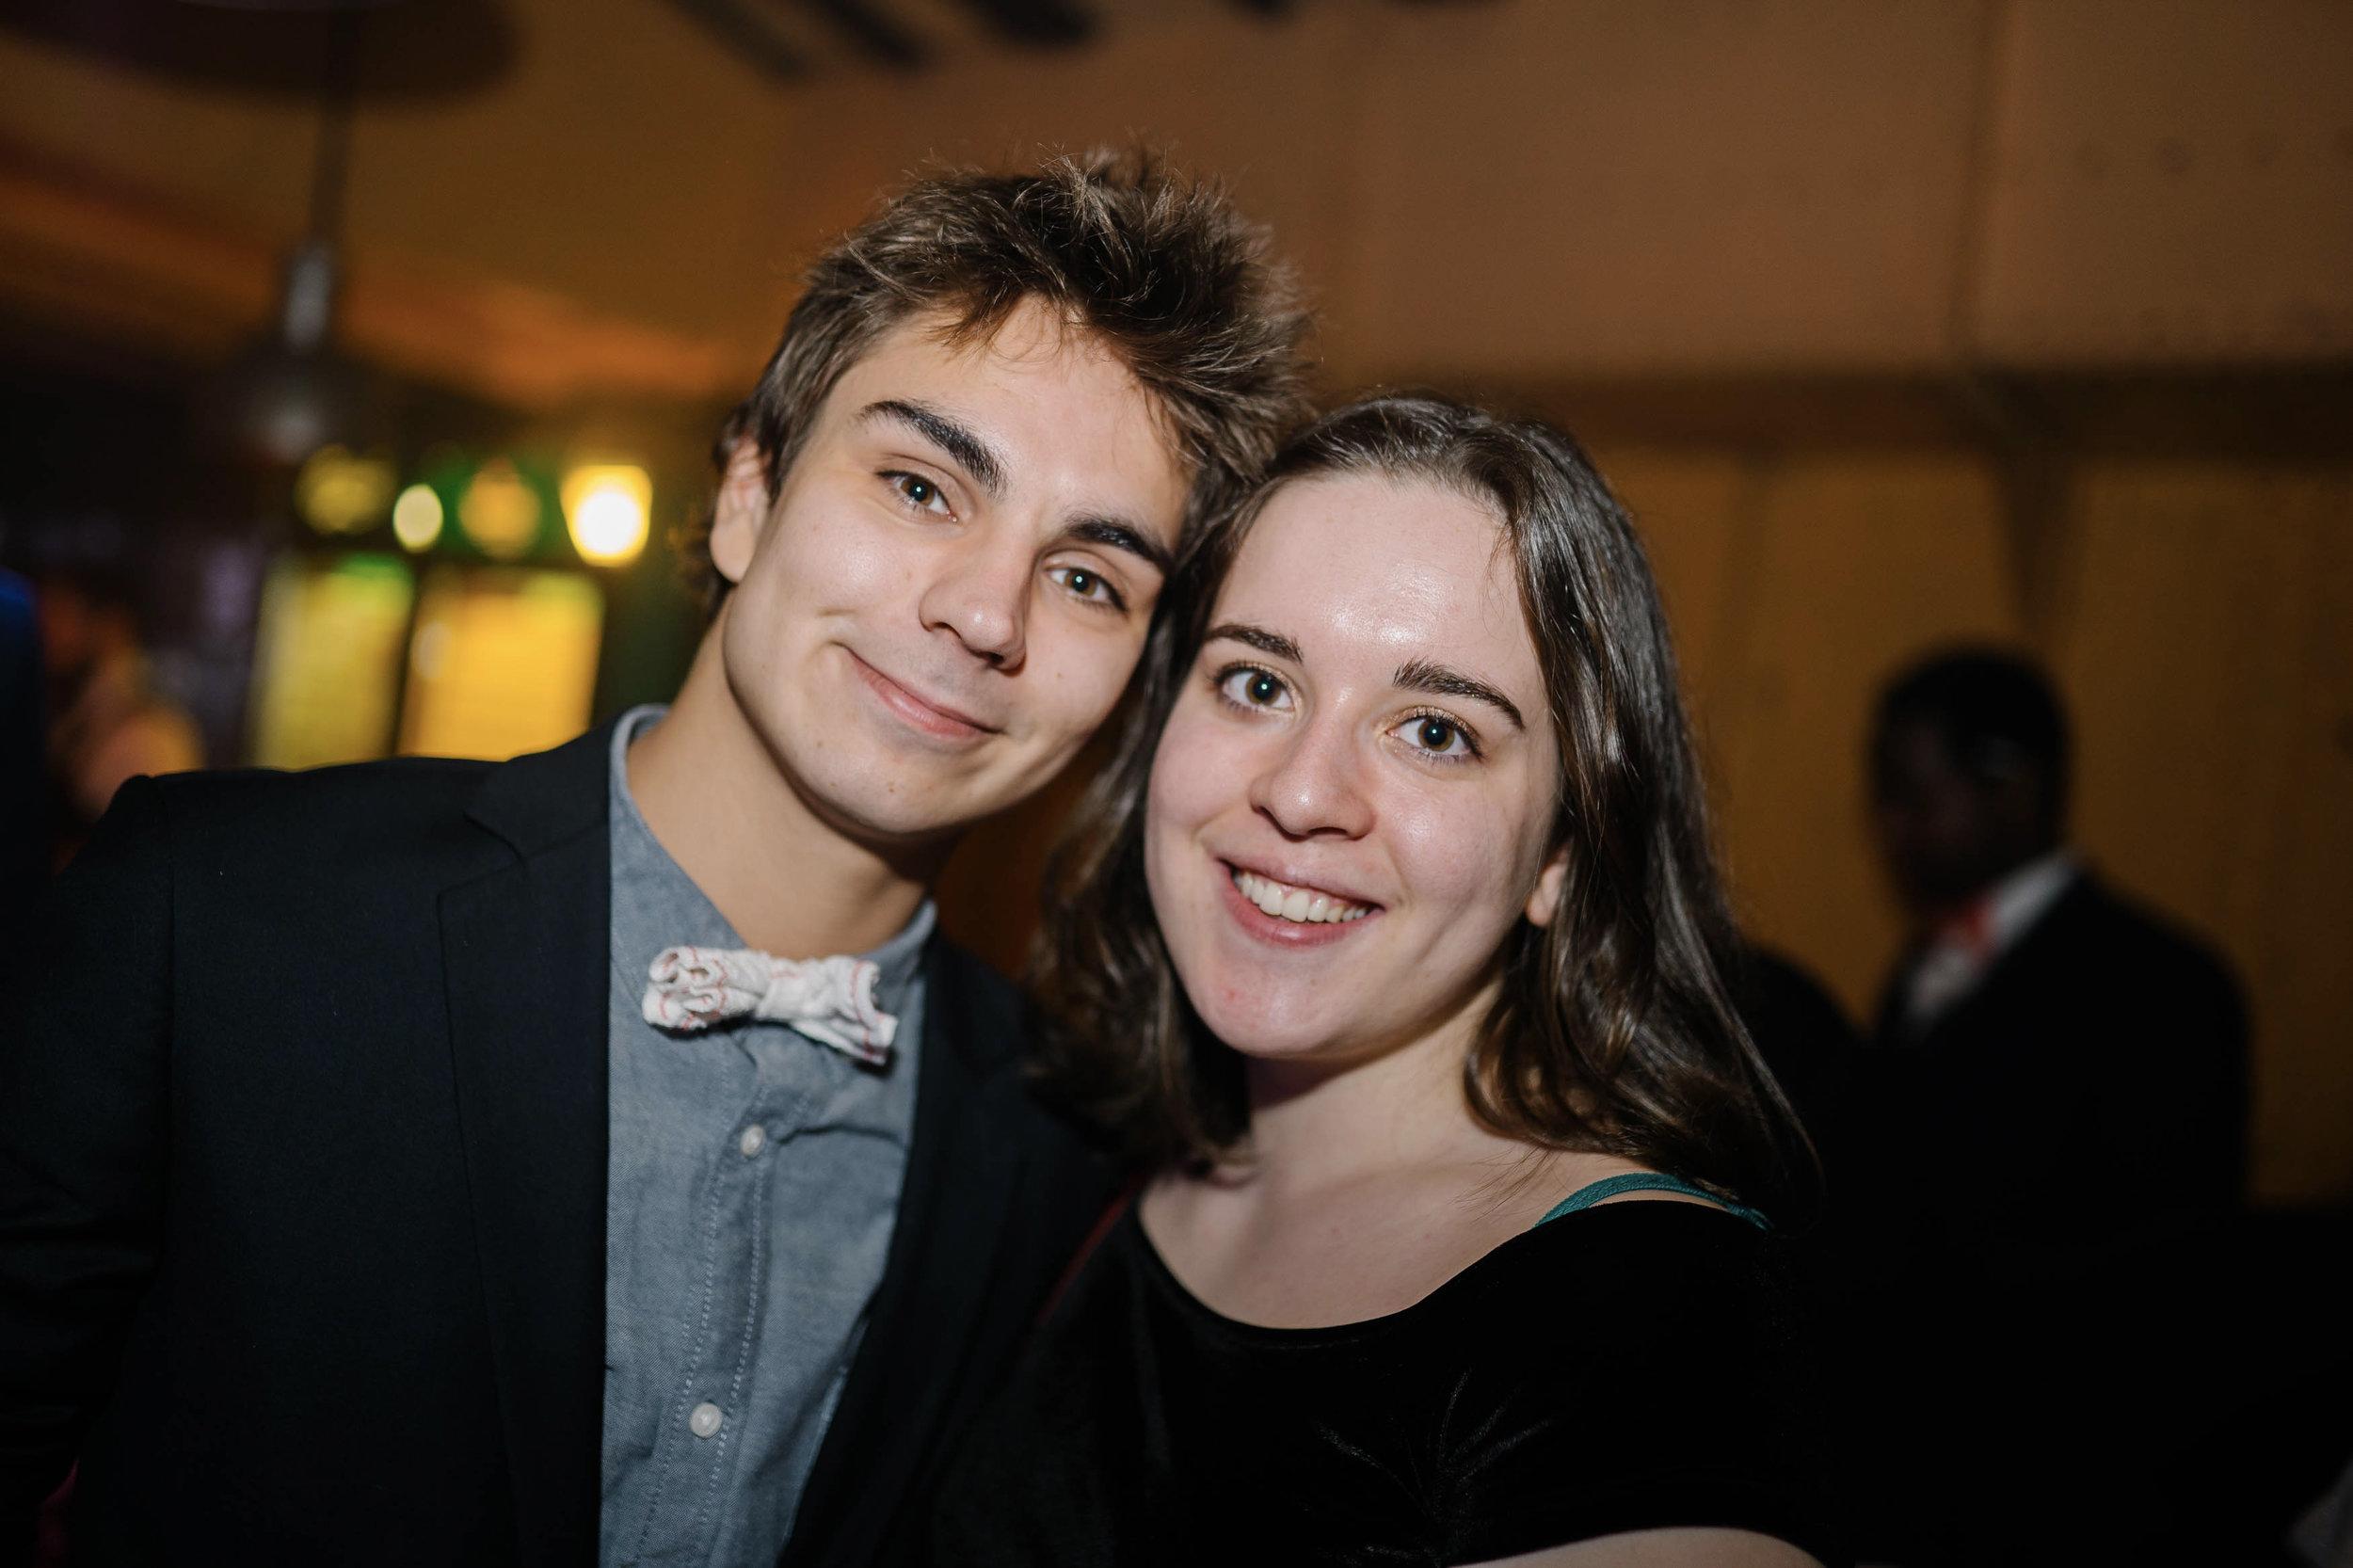 photographe-vidéaste-event-portrait-mariage-52.jpg